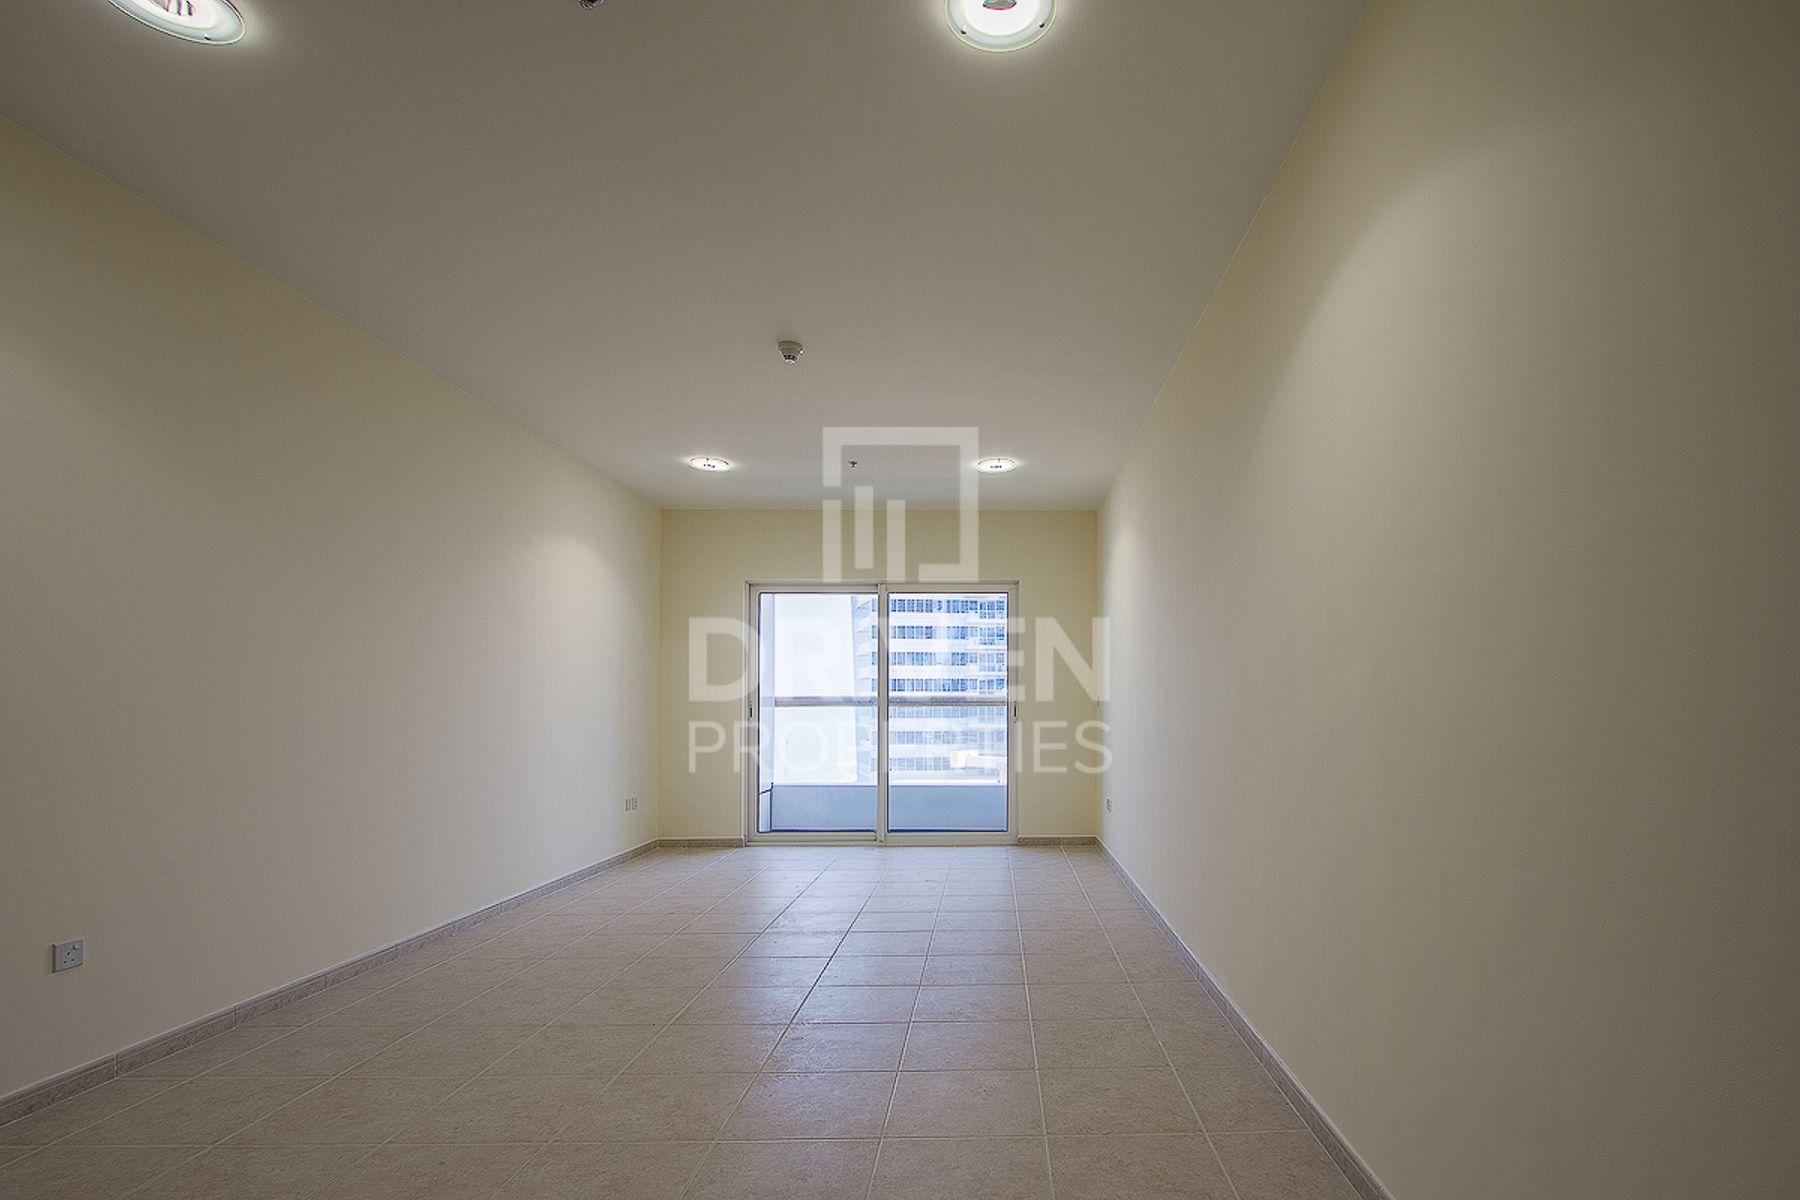 للايجار - شقة - مساكن النخبة - دبي مارينا